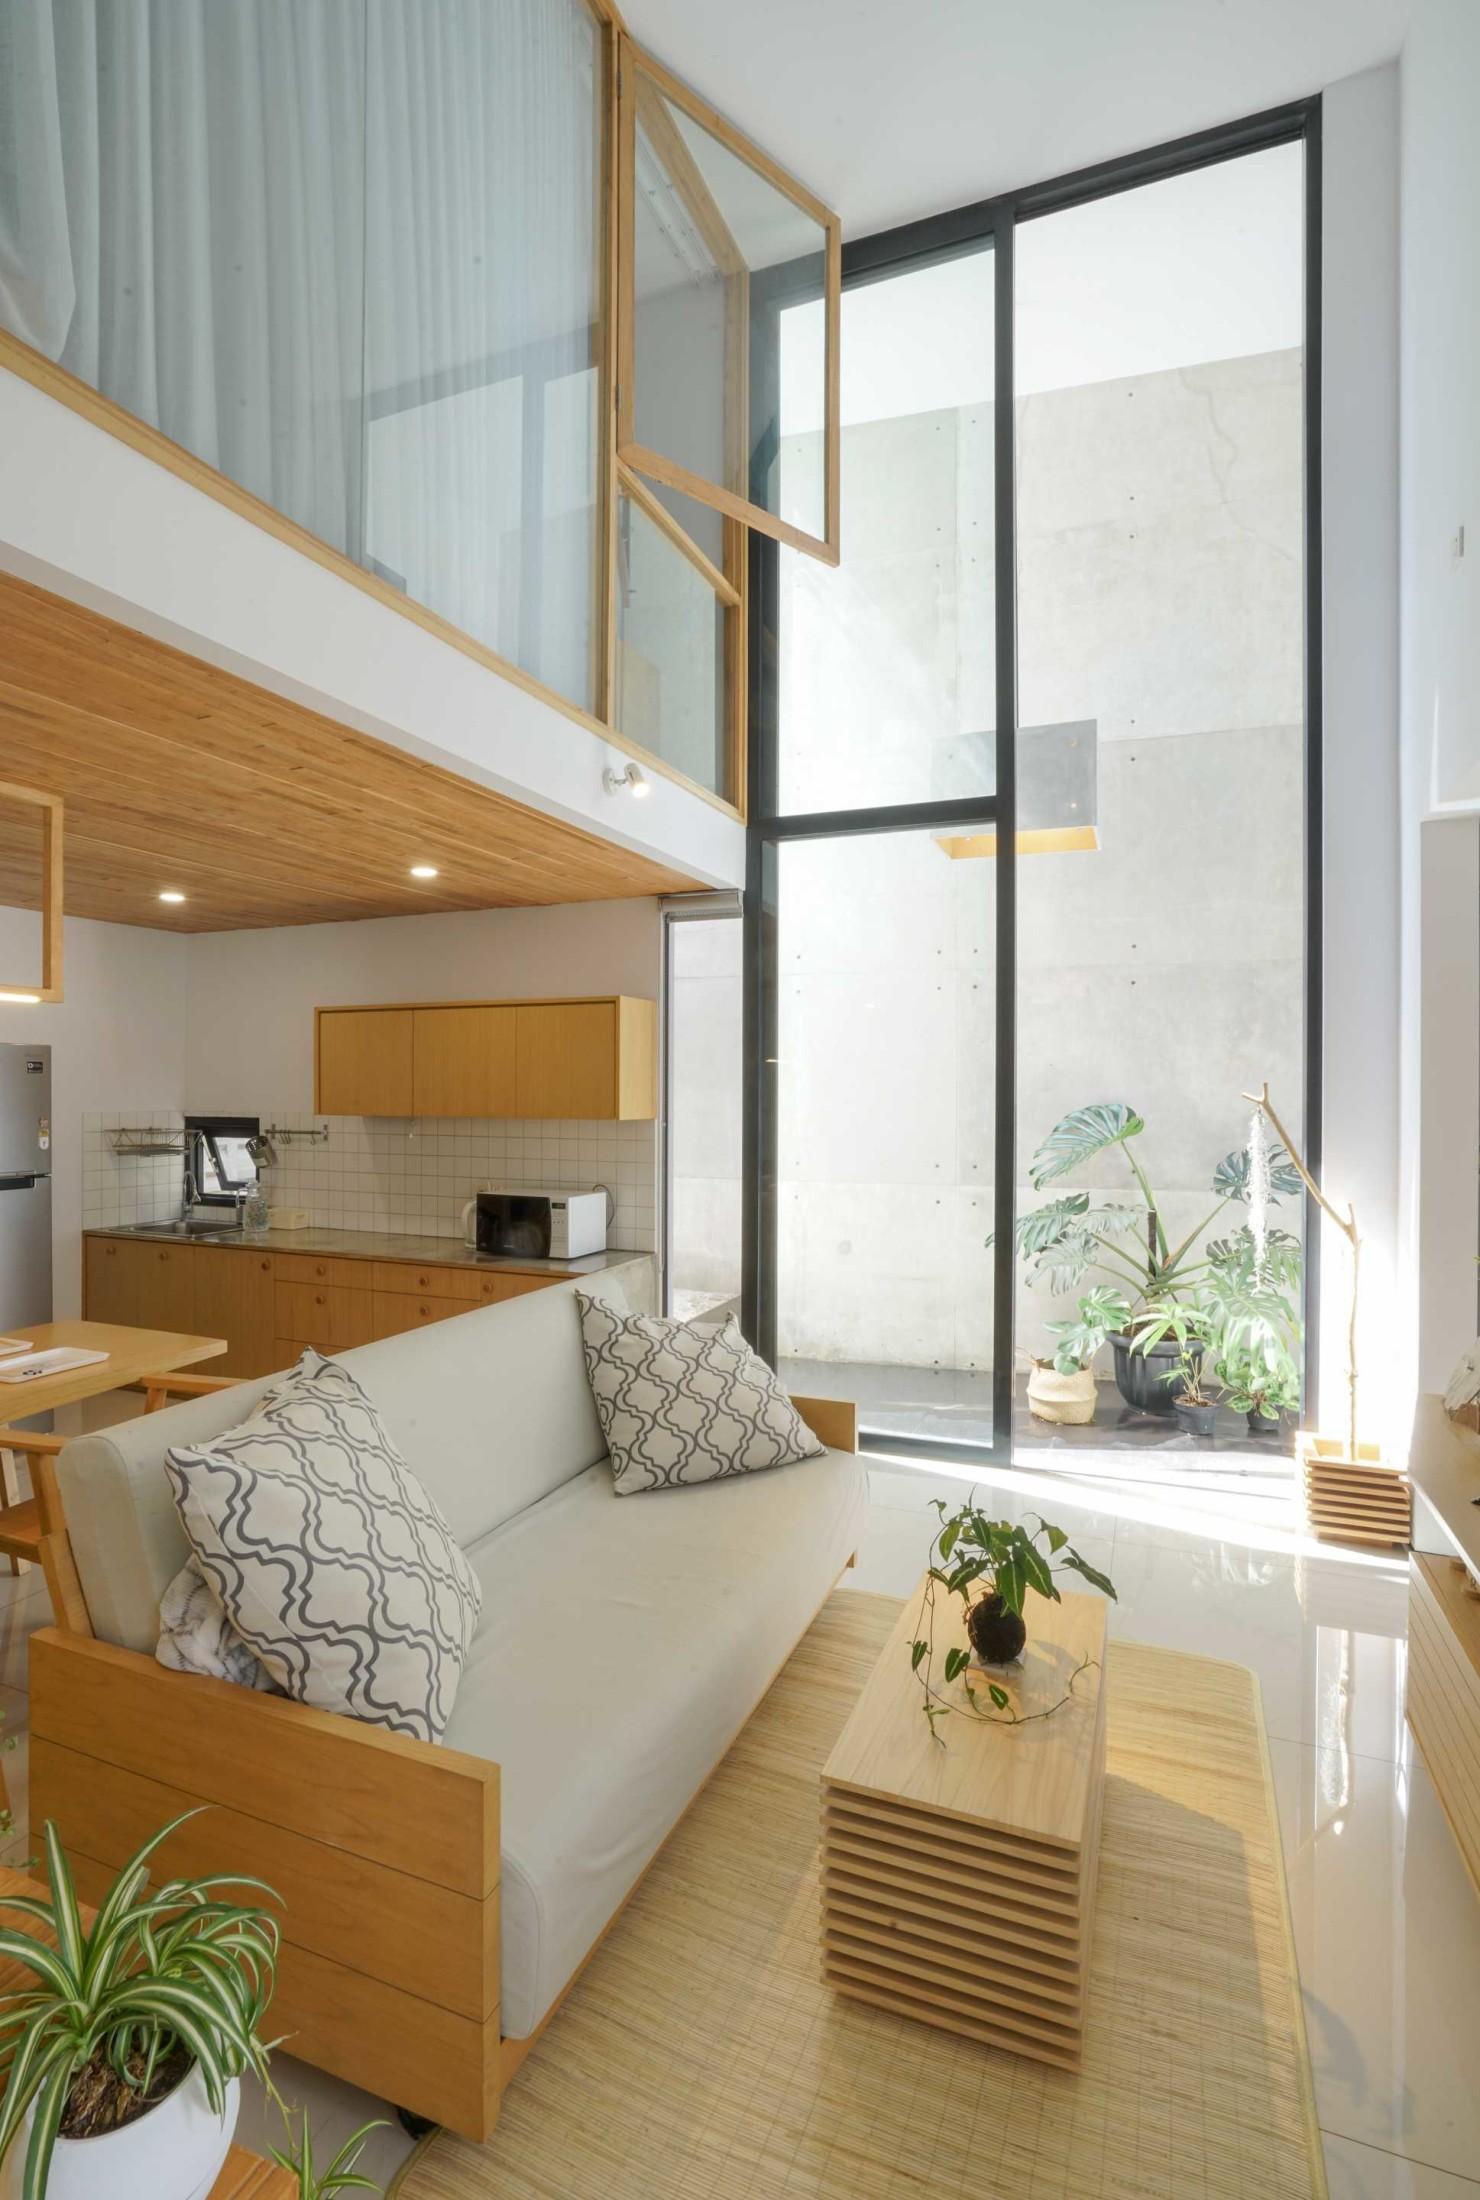 Konsep ruang terbuka untuk rumah minimalis yang terasa lega (Sumber: arsitag.com)